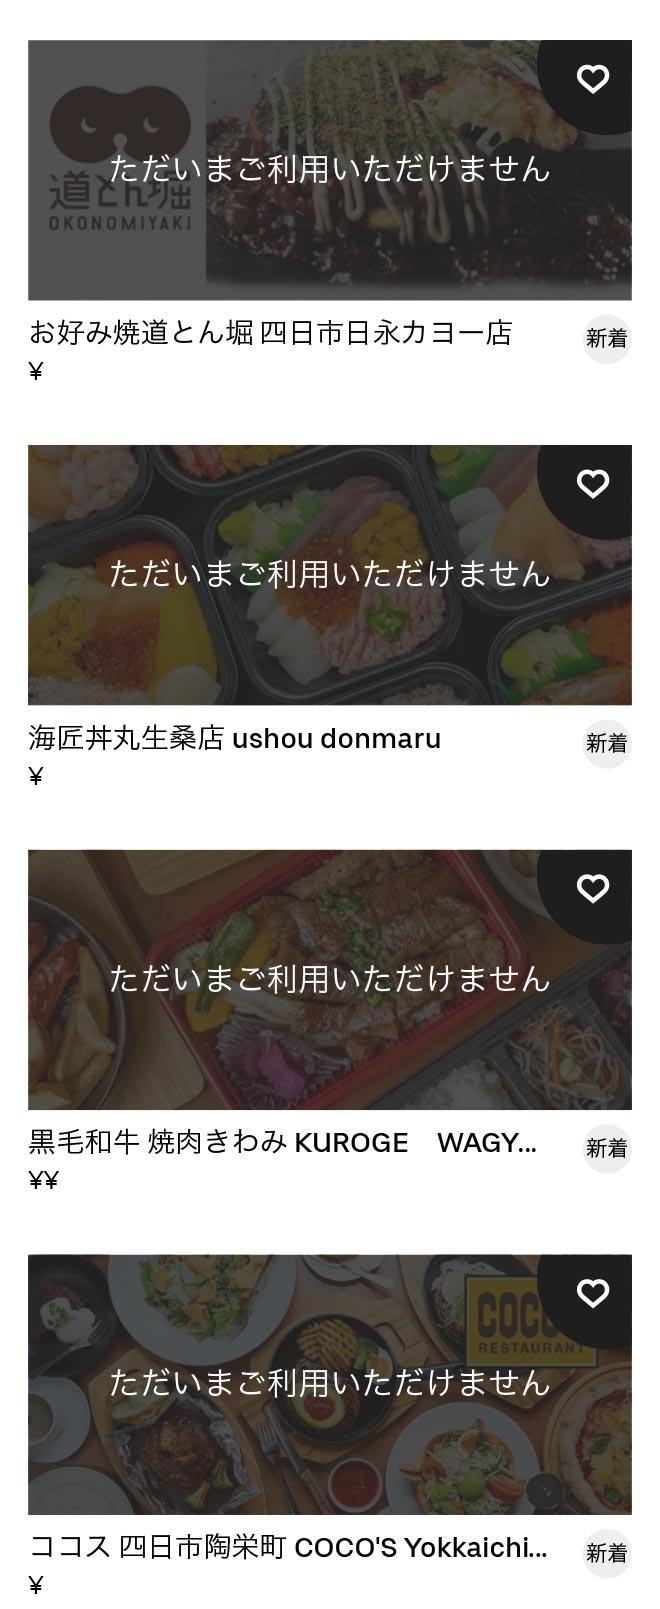 Yokkaichi menu 2012 09